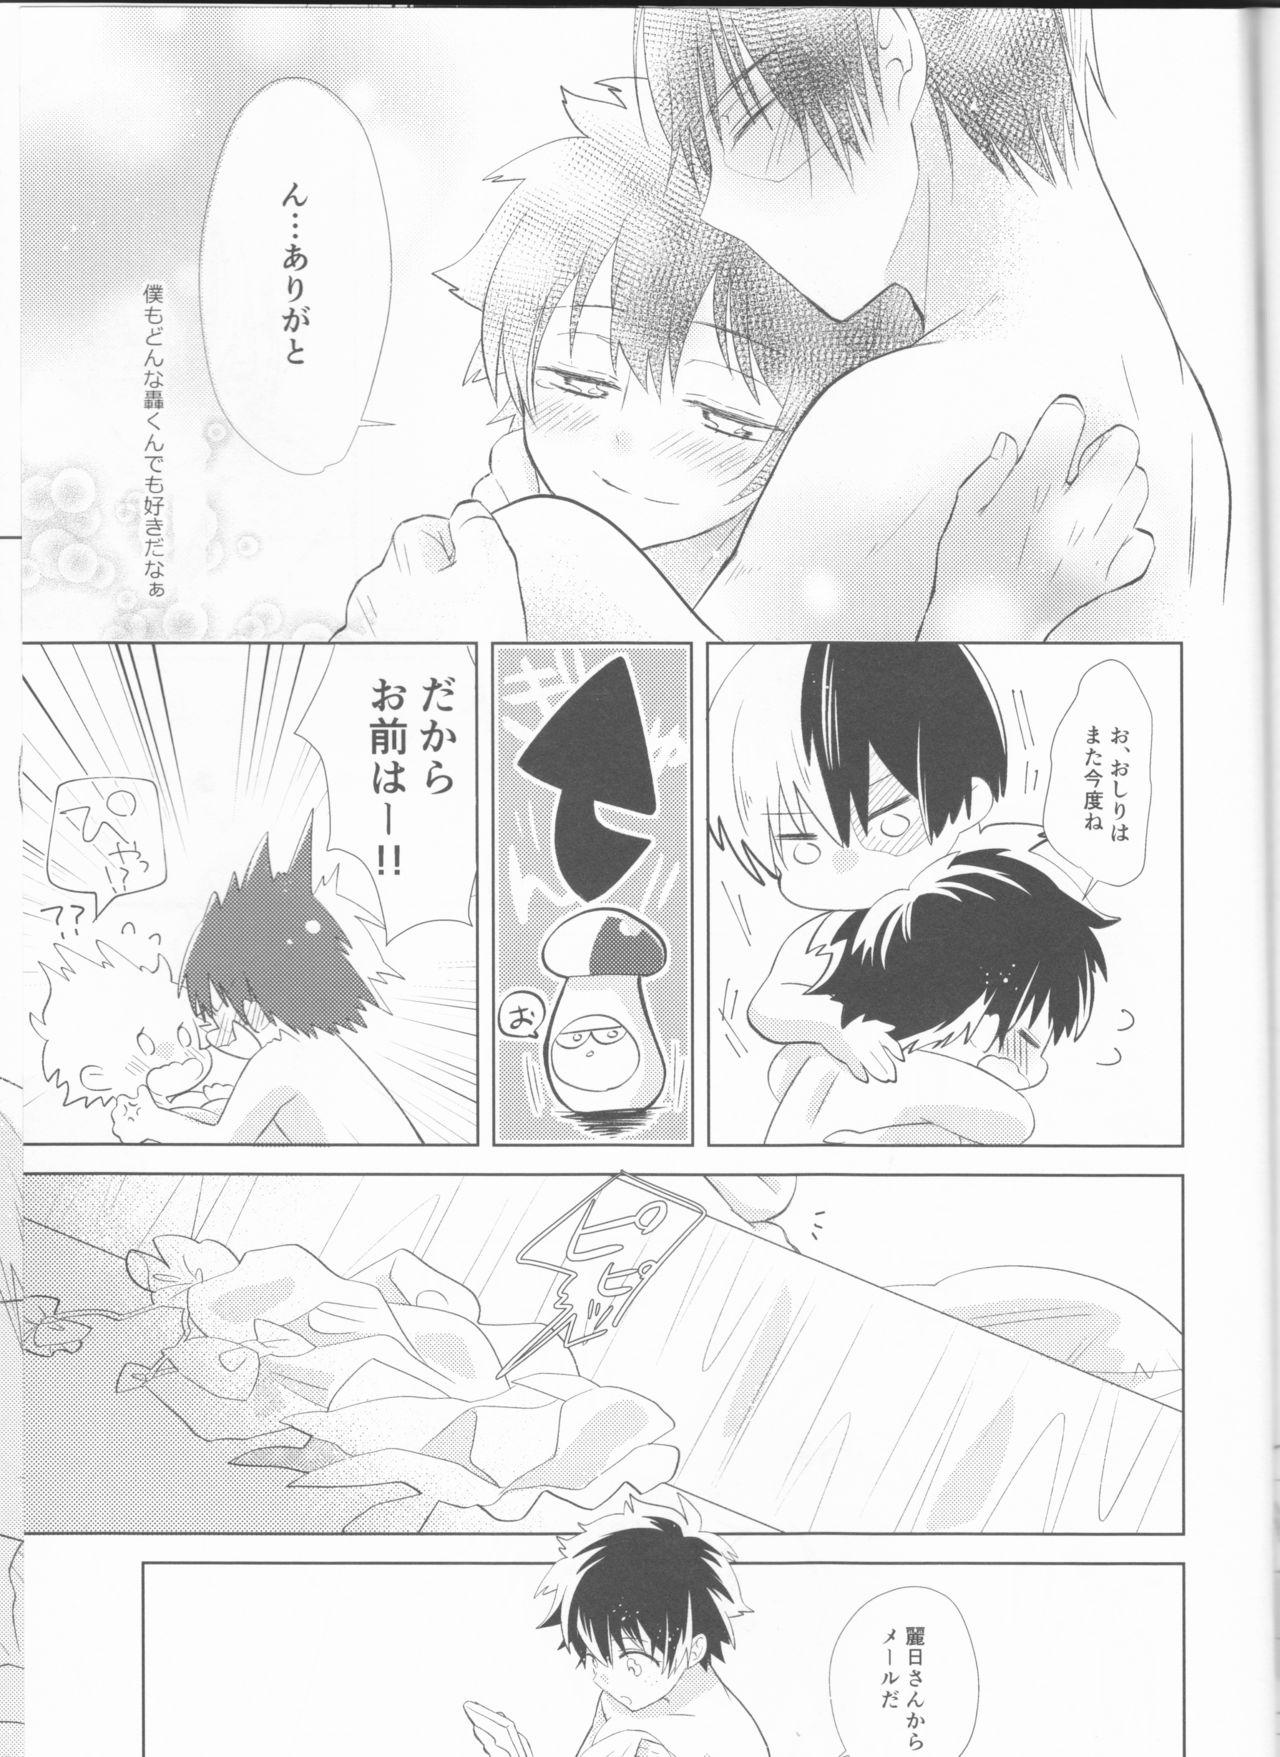 Sangatsu Usagi no Himegoto 29